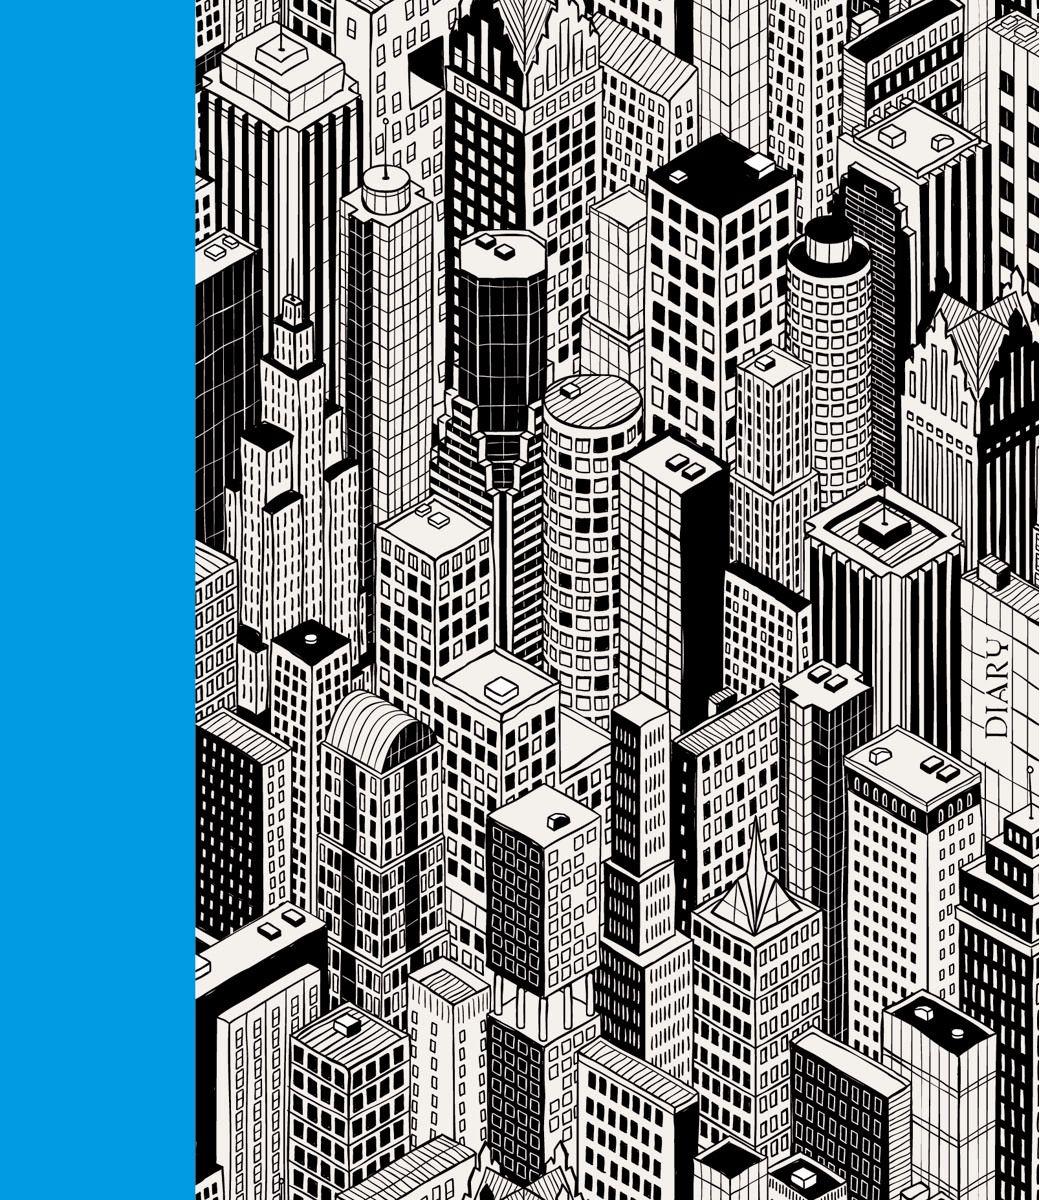 Канц-Эксмо Ежедневник Графика Геометрия мегаполиса недатированный 160 листов формат А5ЕЖИ18516001Ежедневник недатированный в интегральном переплете формата А5, 160 листов, матовая ламинация, форзацы - двухстороннее тонирование. Внутренний блок: бумага офсетная 70 г/м2, ляссе.